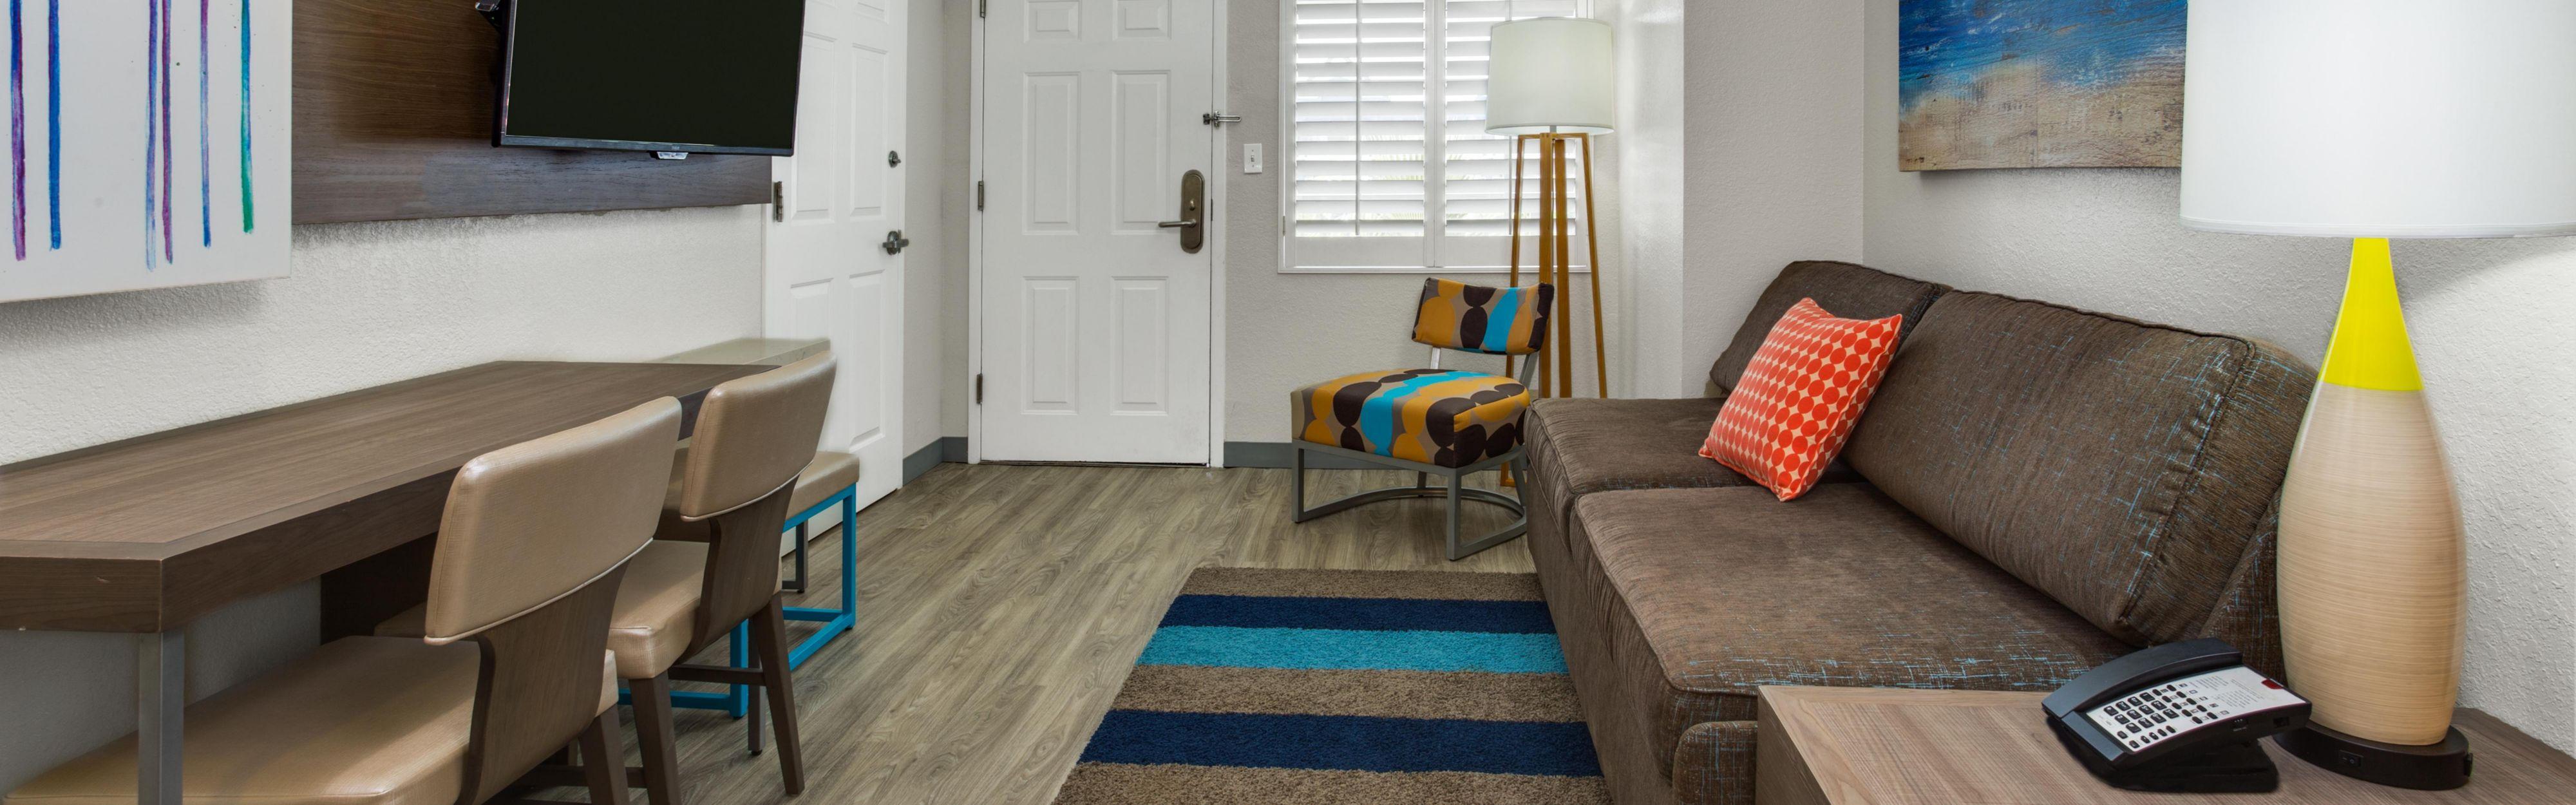 One Bedroom Suites In Orlando 2 Bedroom Suites In Orlando Florida Near Seaworld Check Room